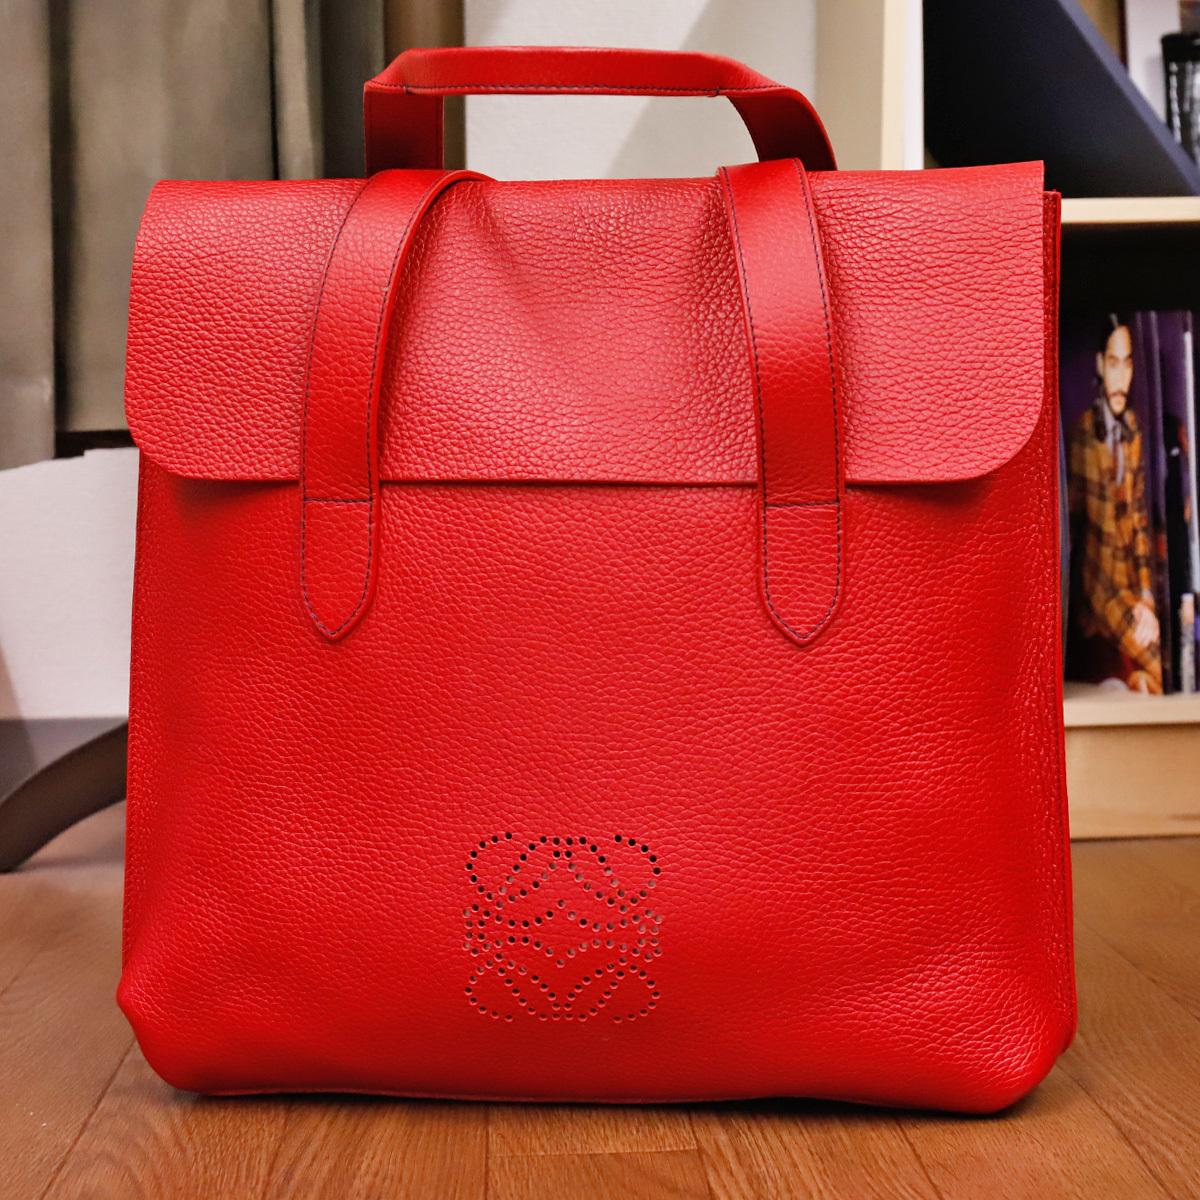 本物 ロエベ 完売モデル メンズコレクションライン トリヨンレザービジネスバッグ(A4書類対応)トートバッグ スペイン製 正規品 LOEWE